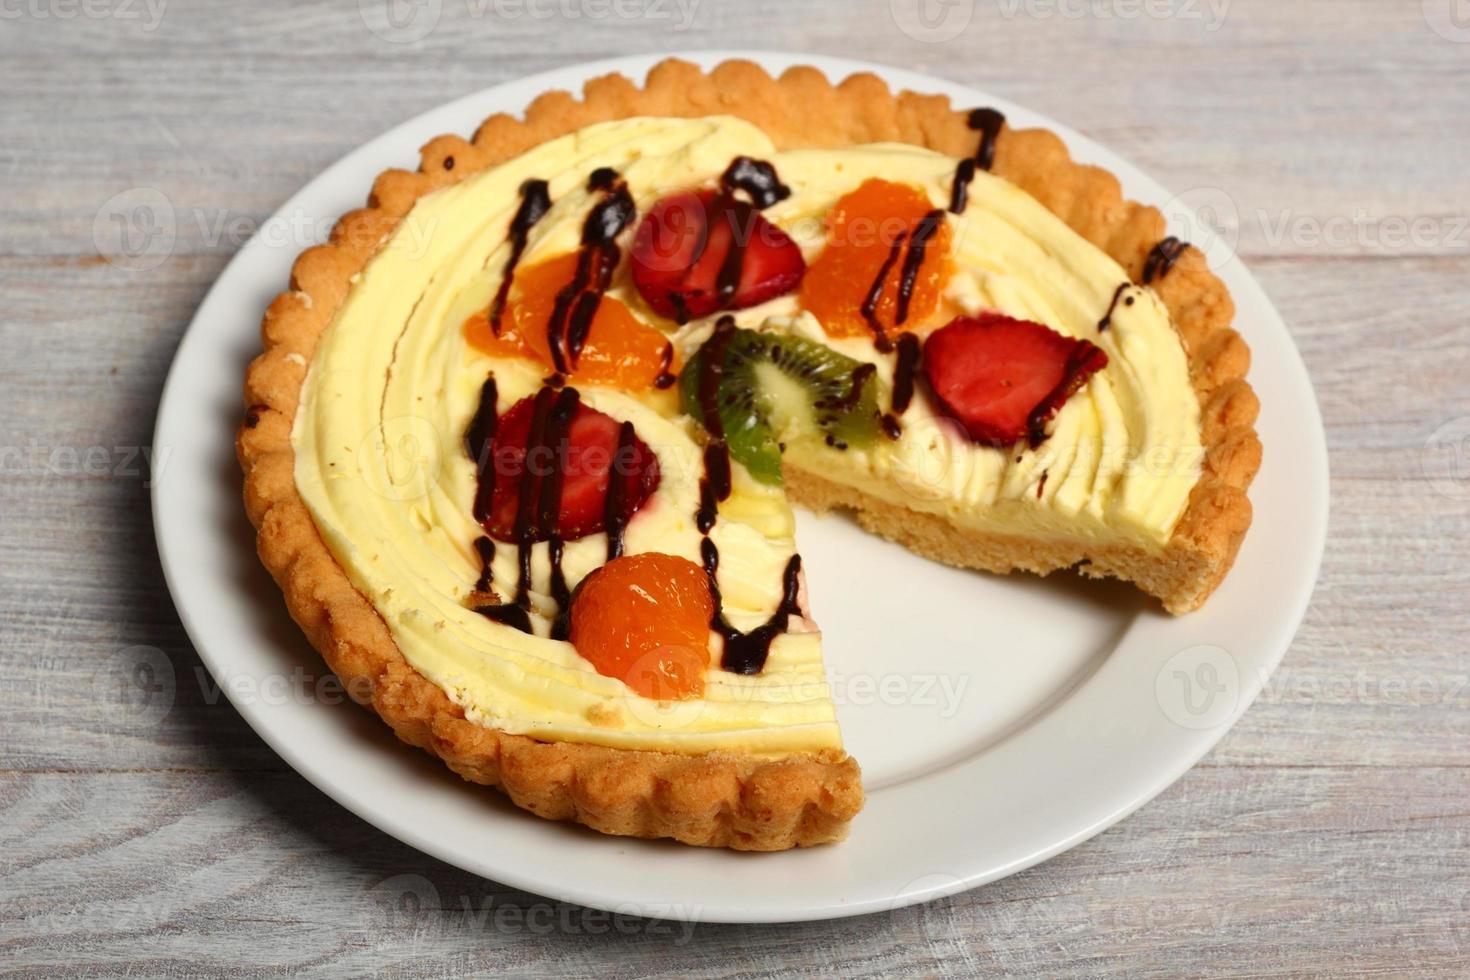 crostata di frutta con crema pasticcera foto